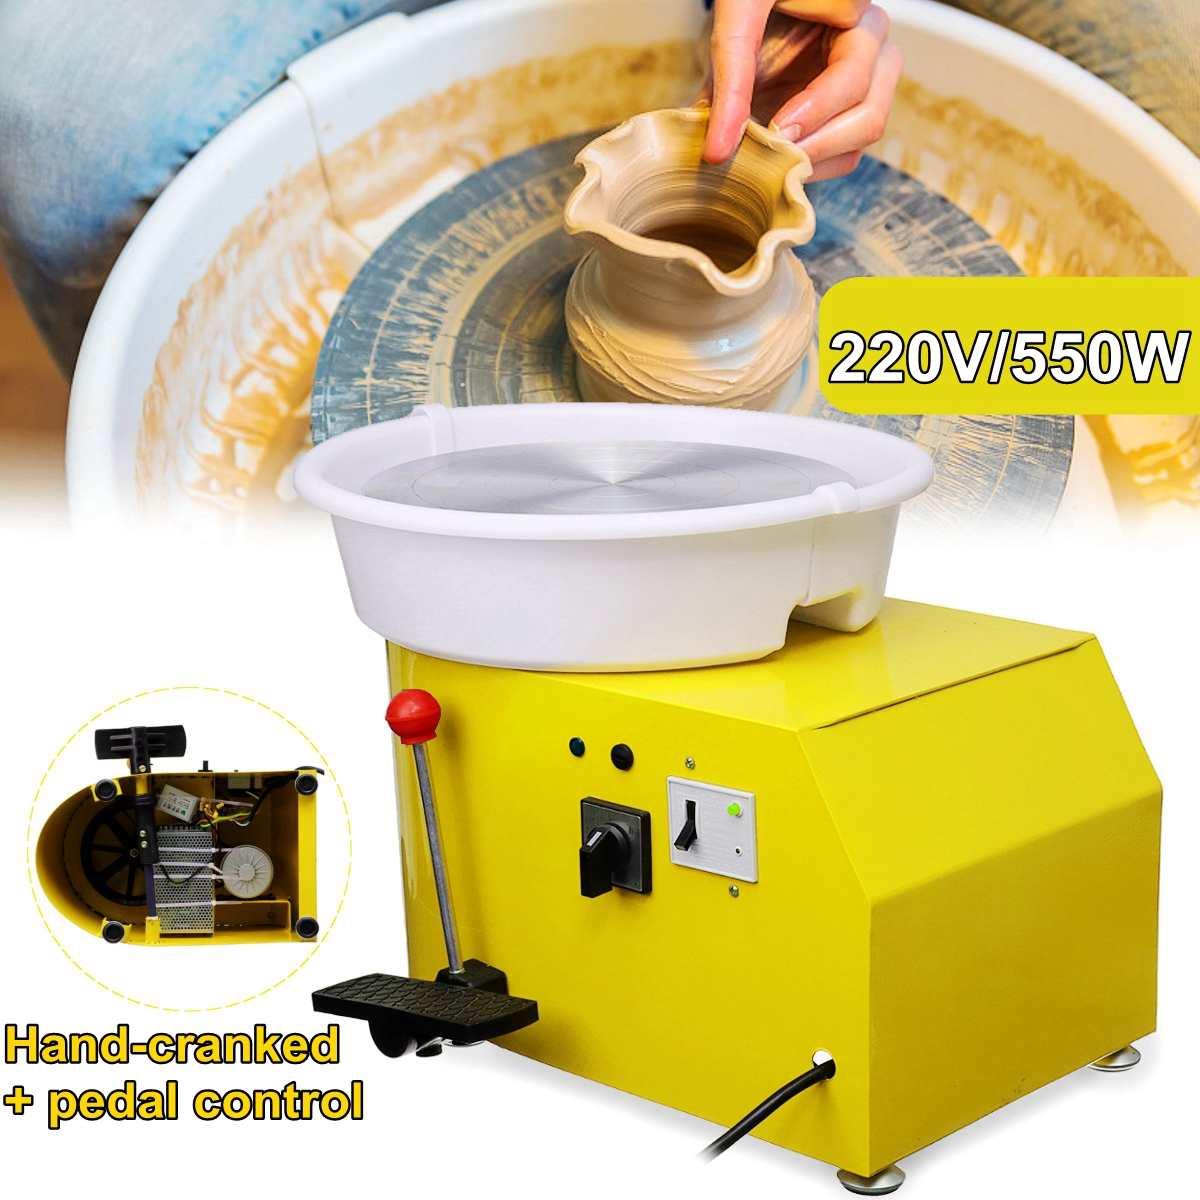 Tournant Électrique Poterie Roue En Céramique Machine 220 V 550 W 300mm argile céramique Potter Kit Pour Travail En Céramique Céramique